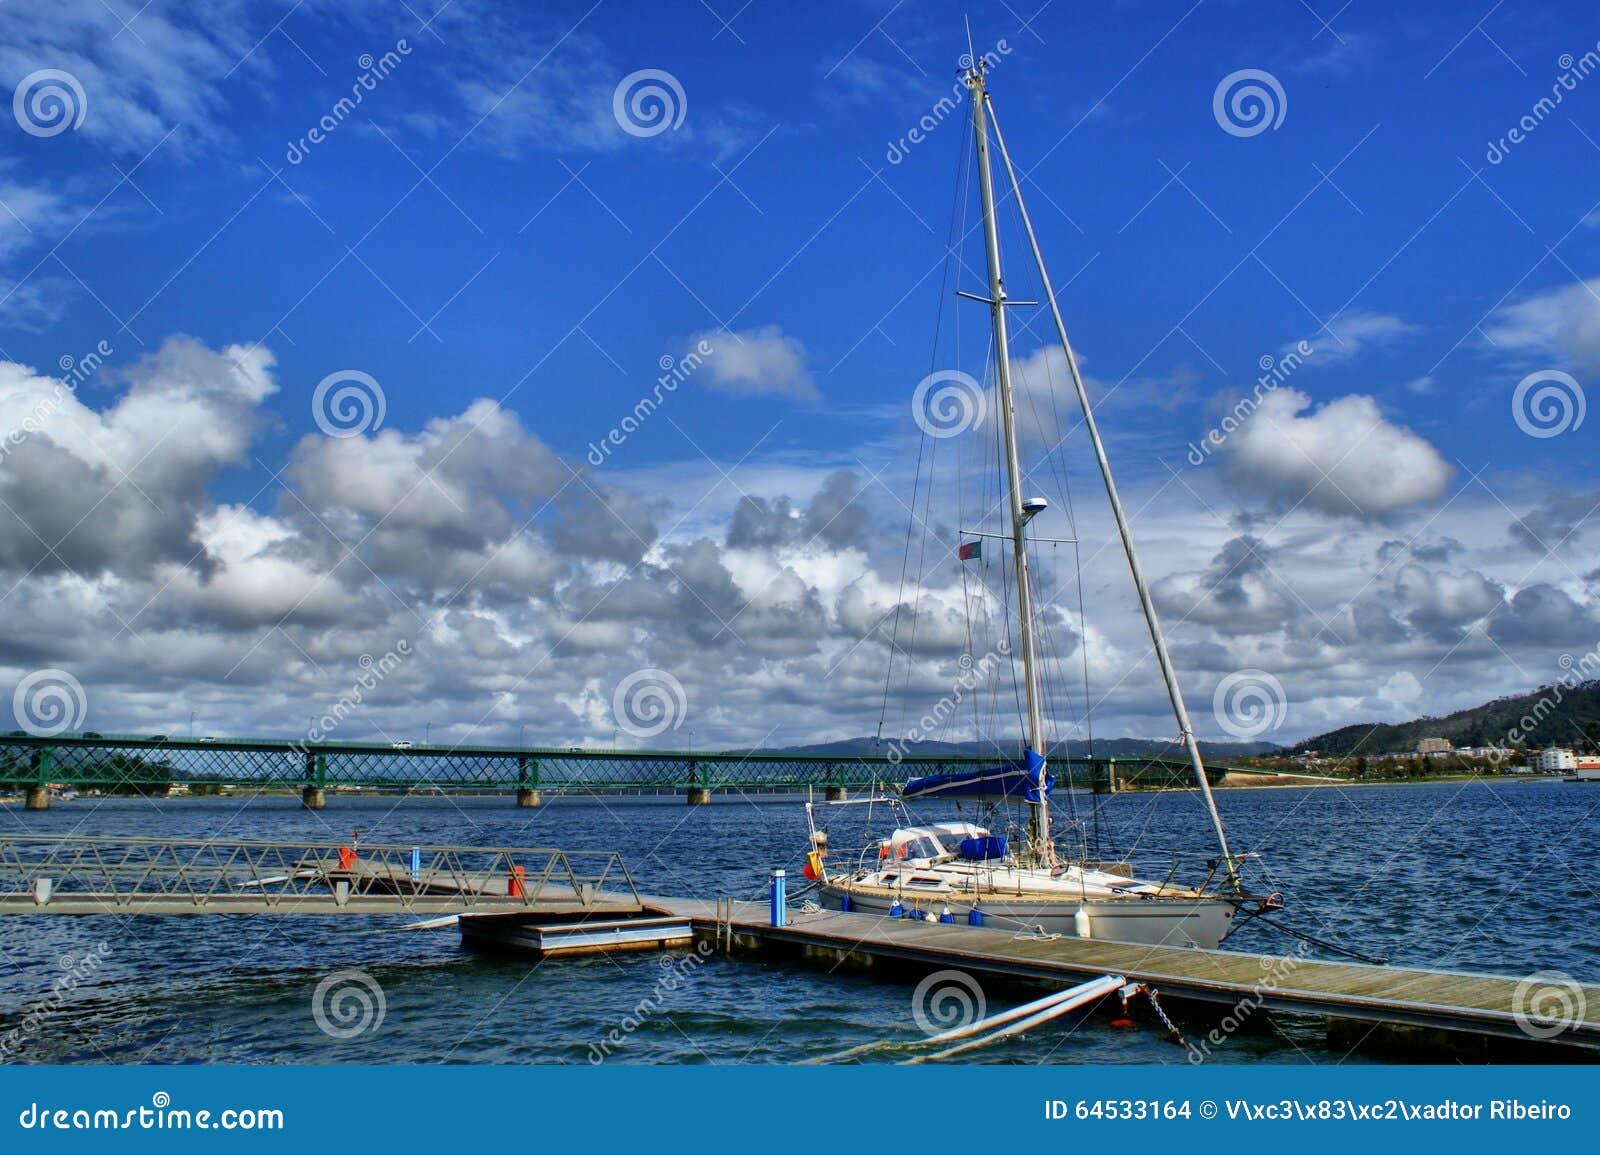 Boat in Viana do Castelo marina